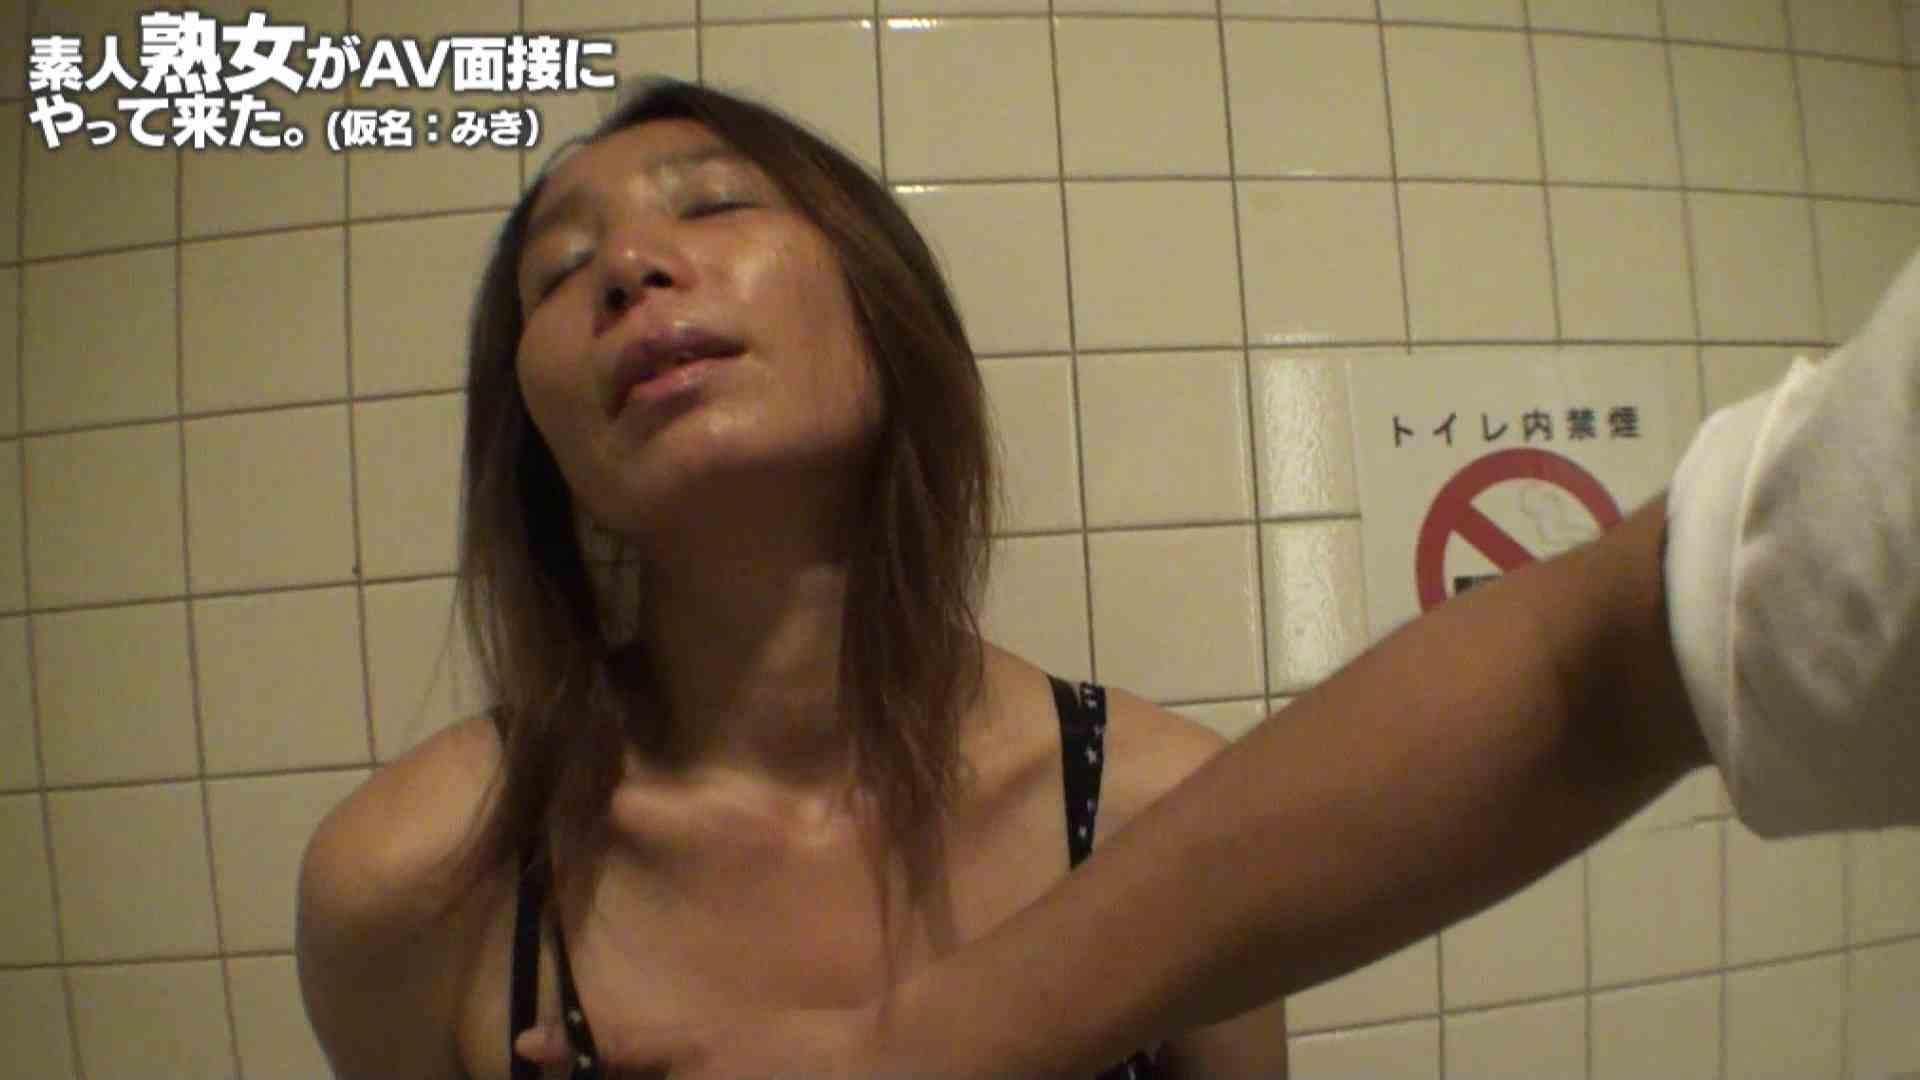 素人熟女がAV面接にやってきた (熟女)みきさんVOL.03 洗面所 のぞき動画キャプチャ 105pic 39